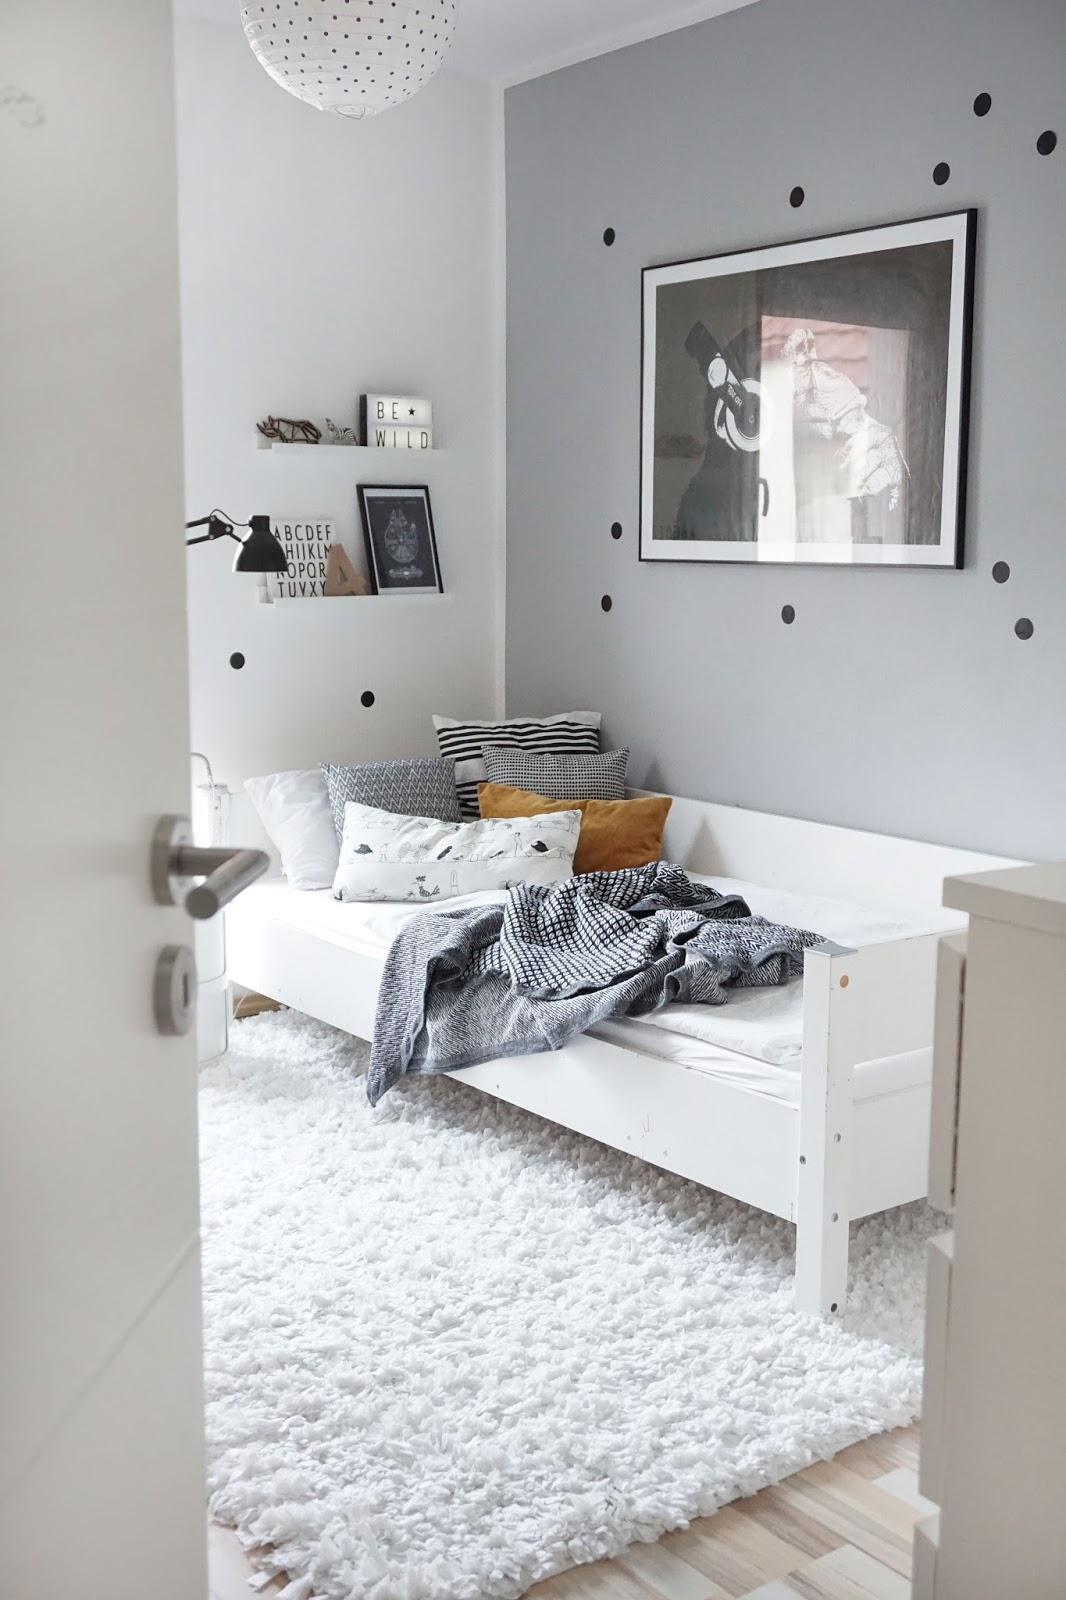 kinderzimmer makeover mit esprit home s t i l r e i c h blog. Black Bedroom Furniture Sets. Home Design Ideas